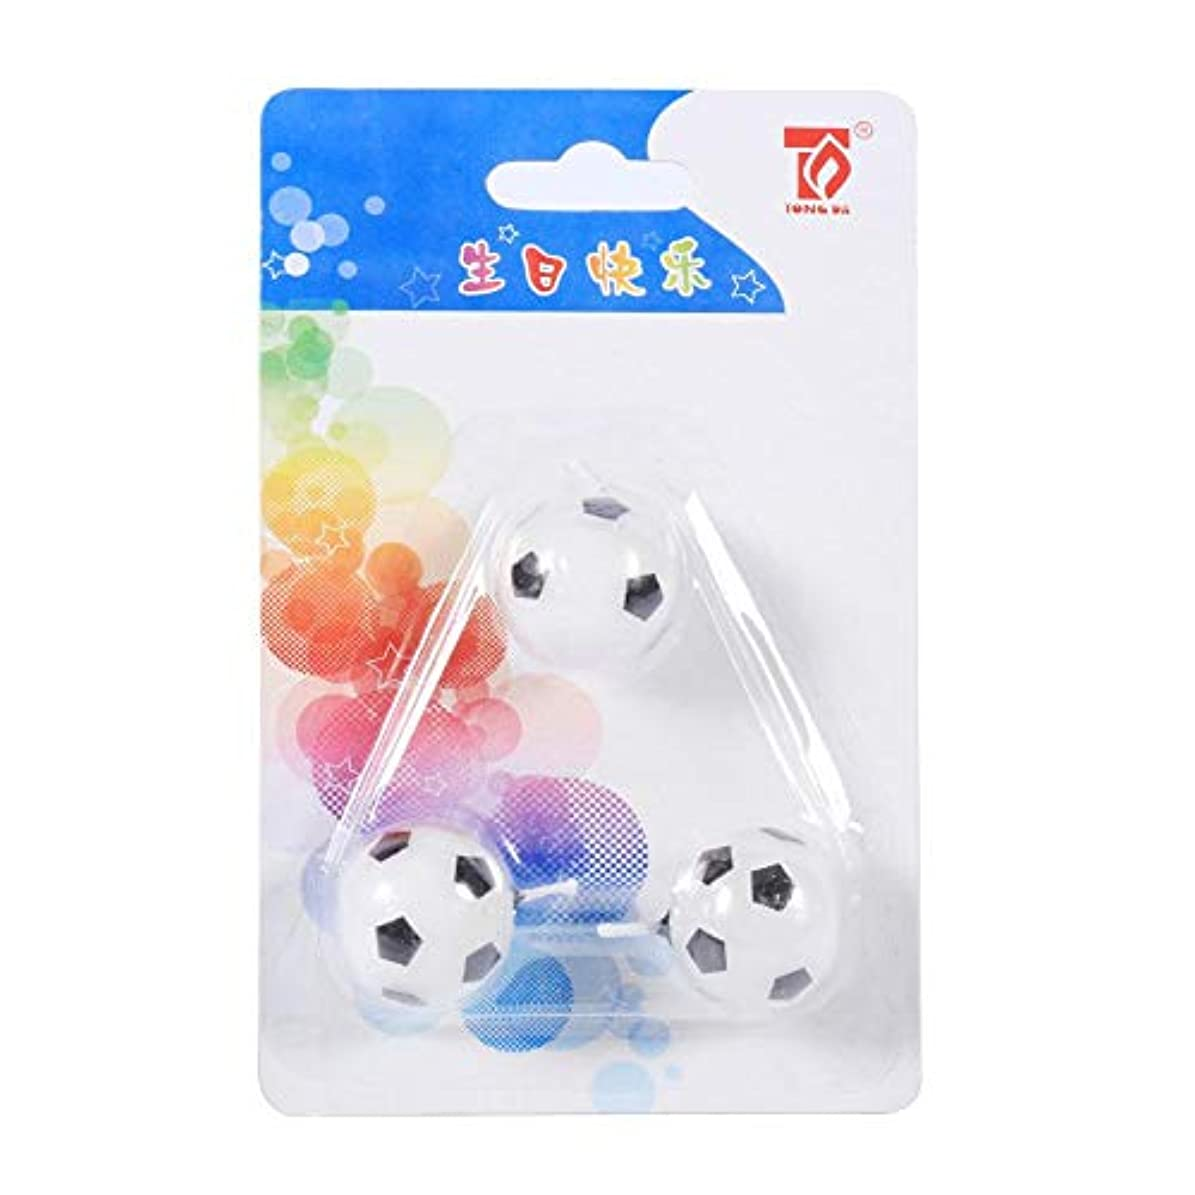 散る競争マーガレットミッチェルEboxer キャンドル サッカーボールキャンドル キャンドル誕生日 子供向 3個入 サッカーボールの形 誕生日 パーティケーキのキャンドル 飾り物 可愛い